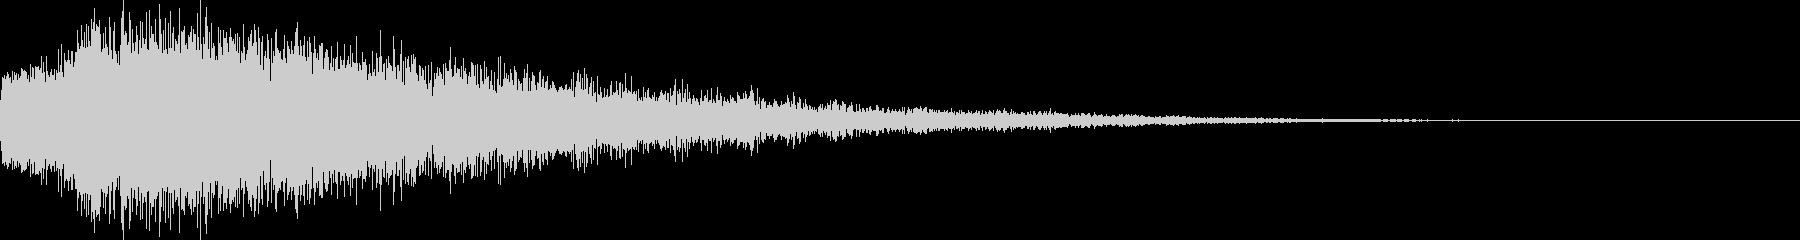 決定、ひらめき等の効果音です ver3の未再生の波形